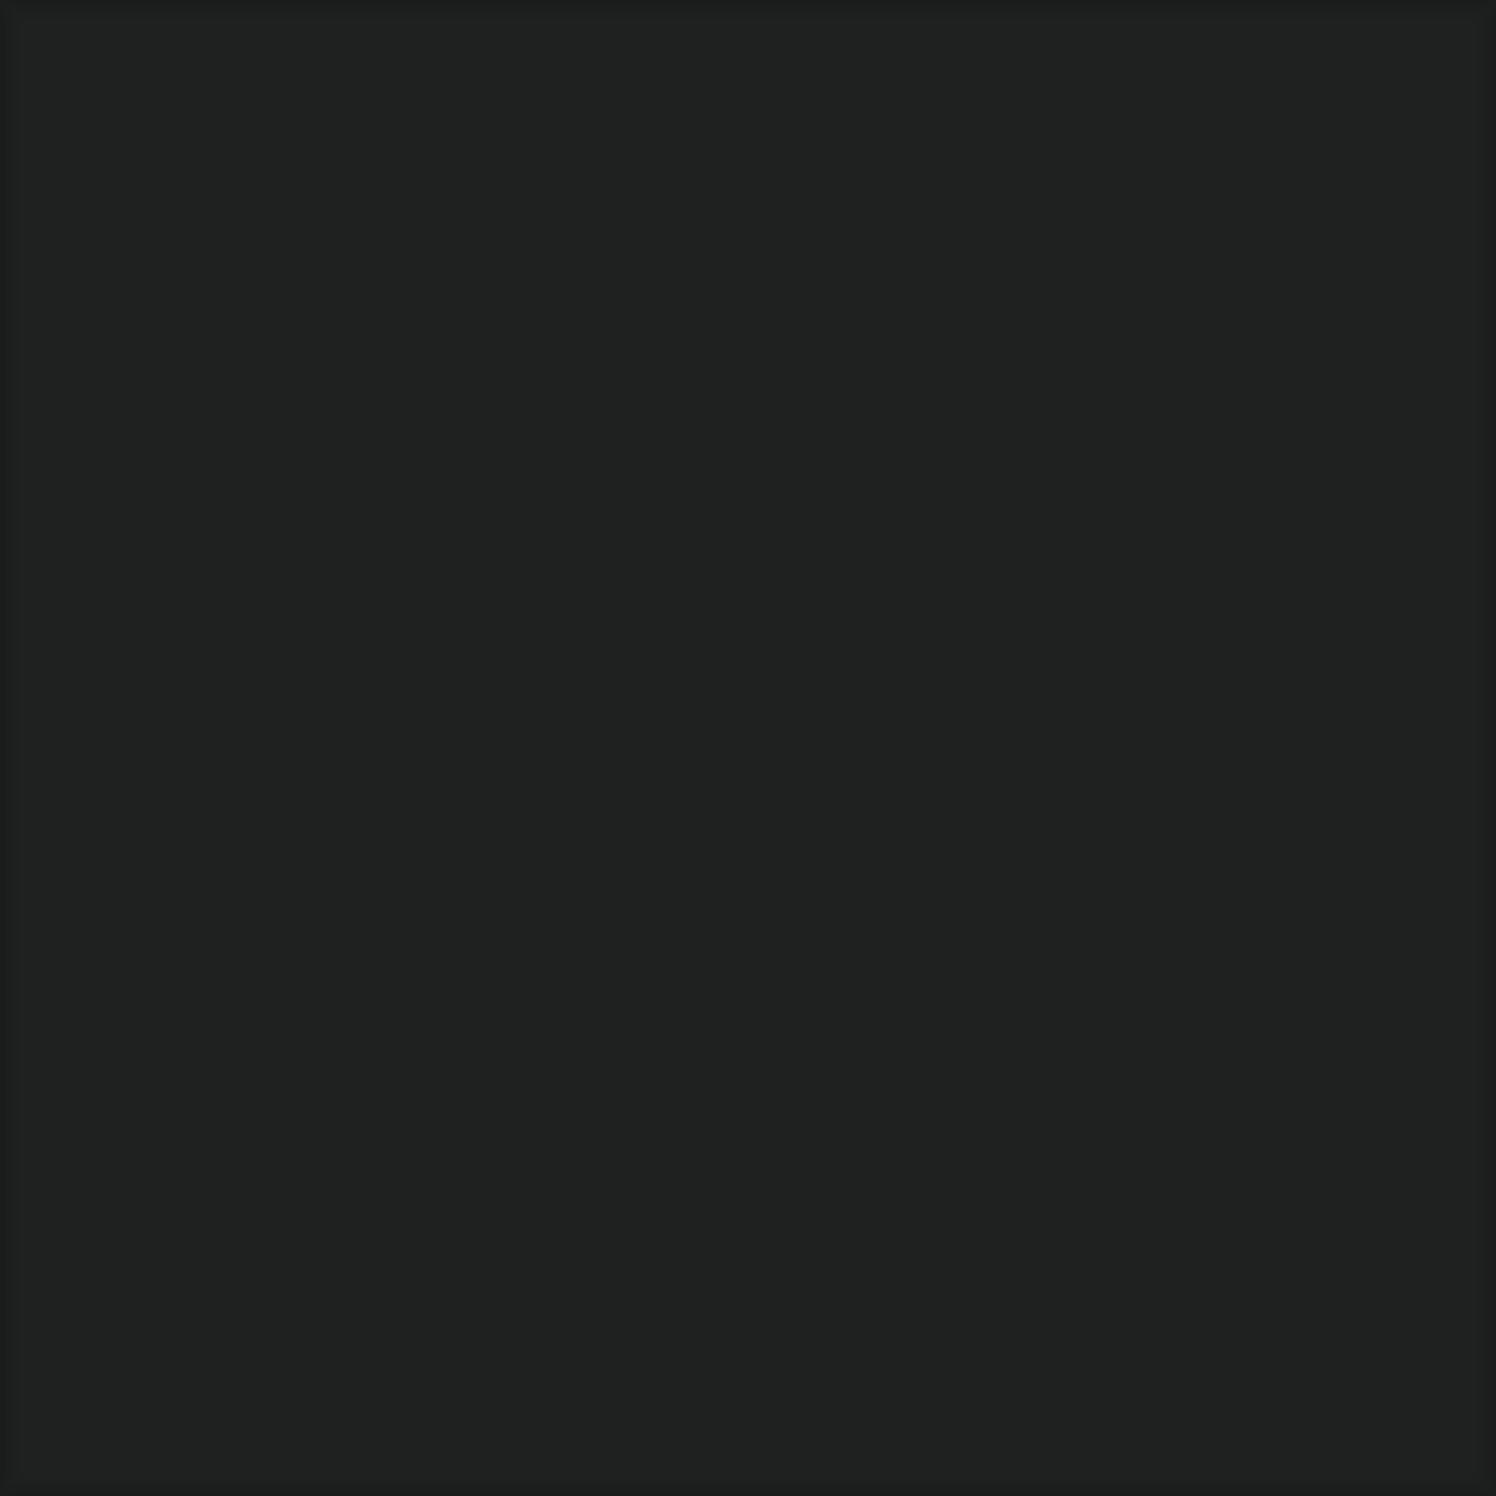 6.0022.21  Codicer Retrofliese / Feinsteinzeug BASIC BLACK